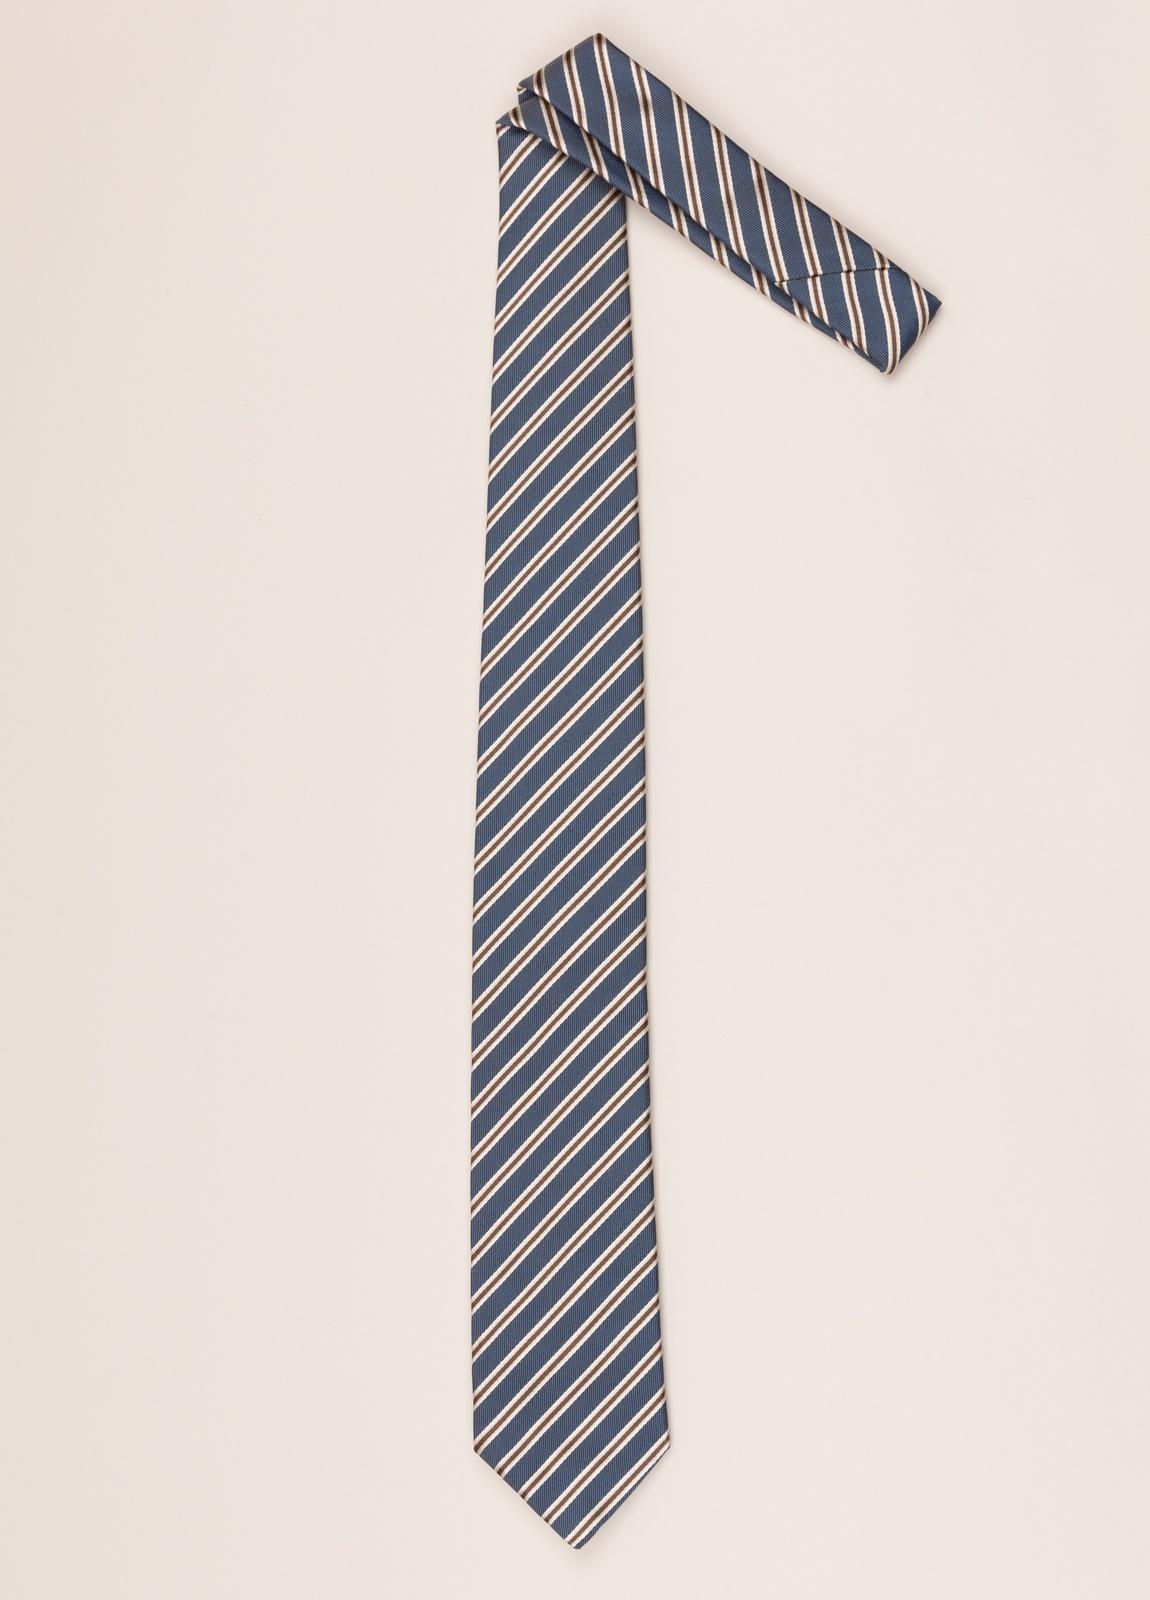 Corbata FUREST COLECCIÓN rayas azul y marrón - Ítem1